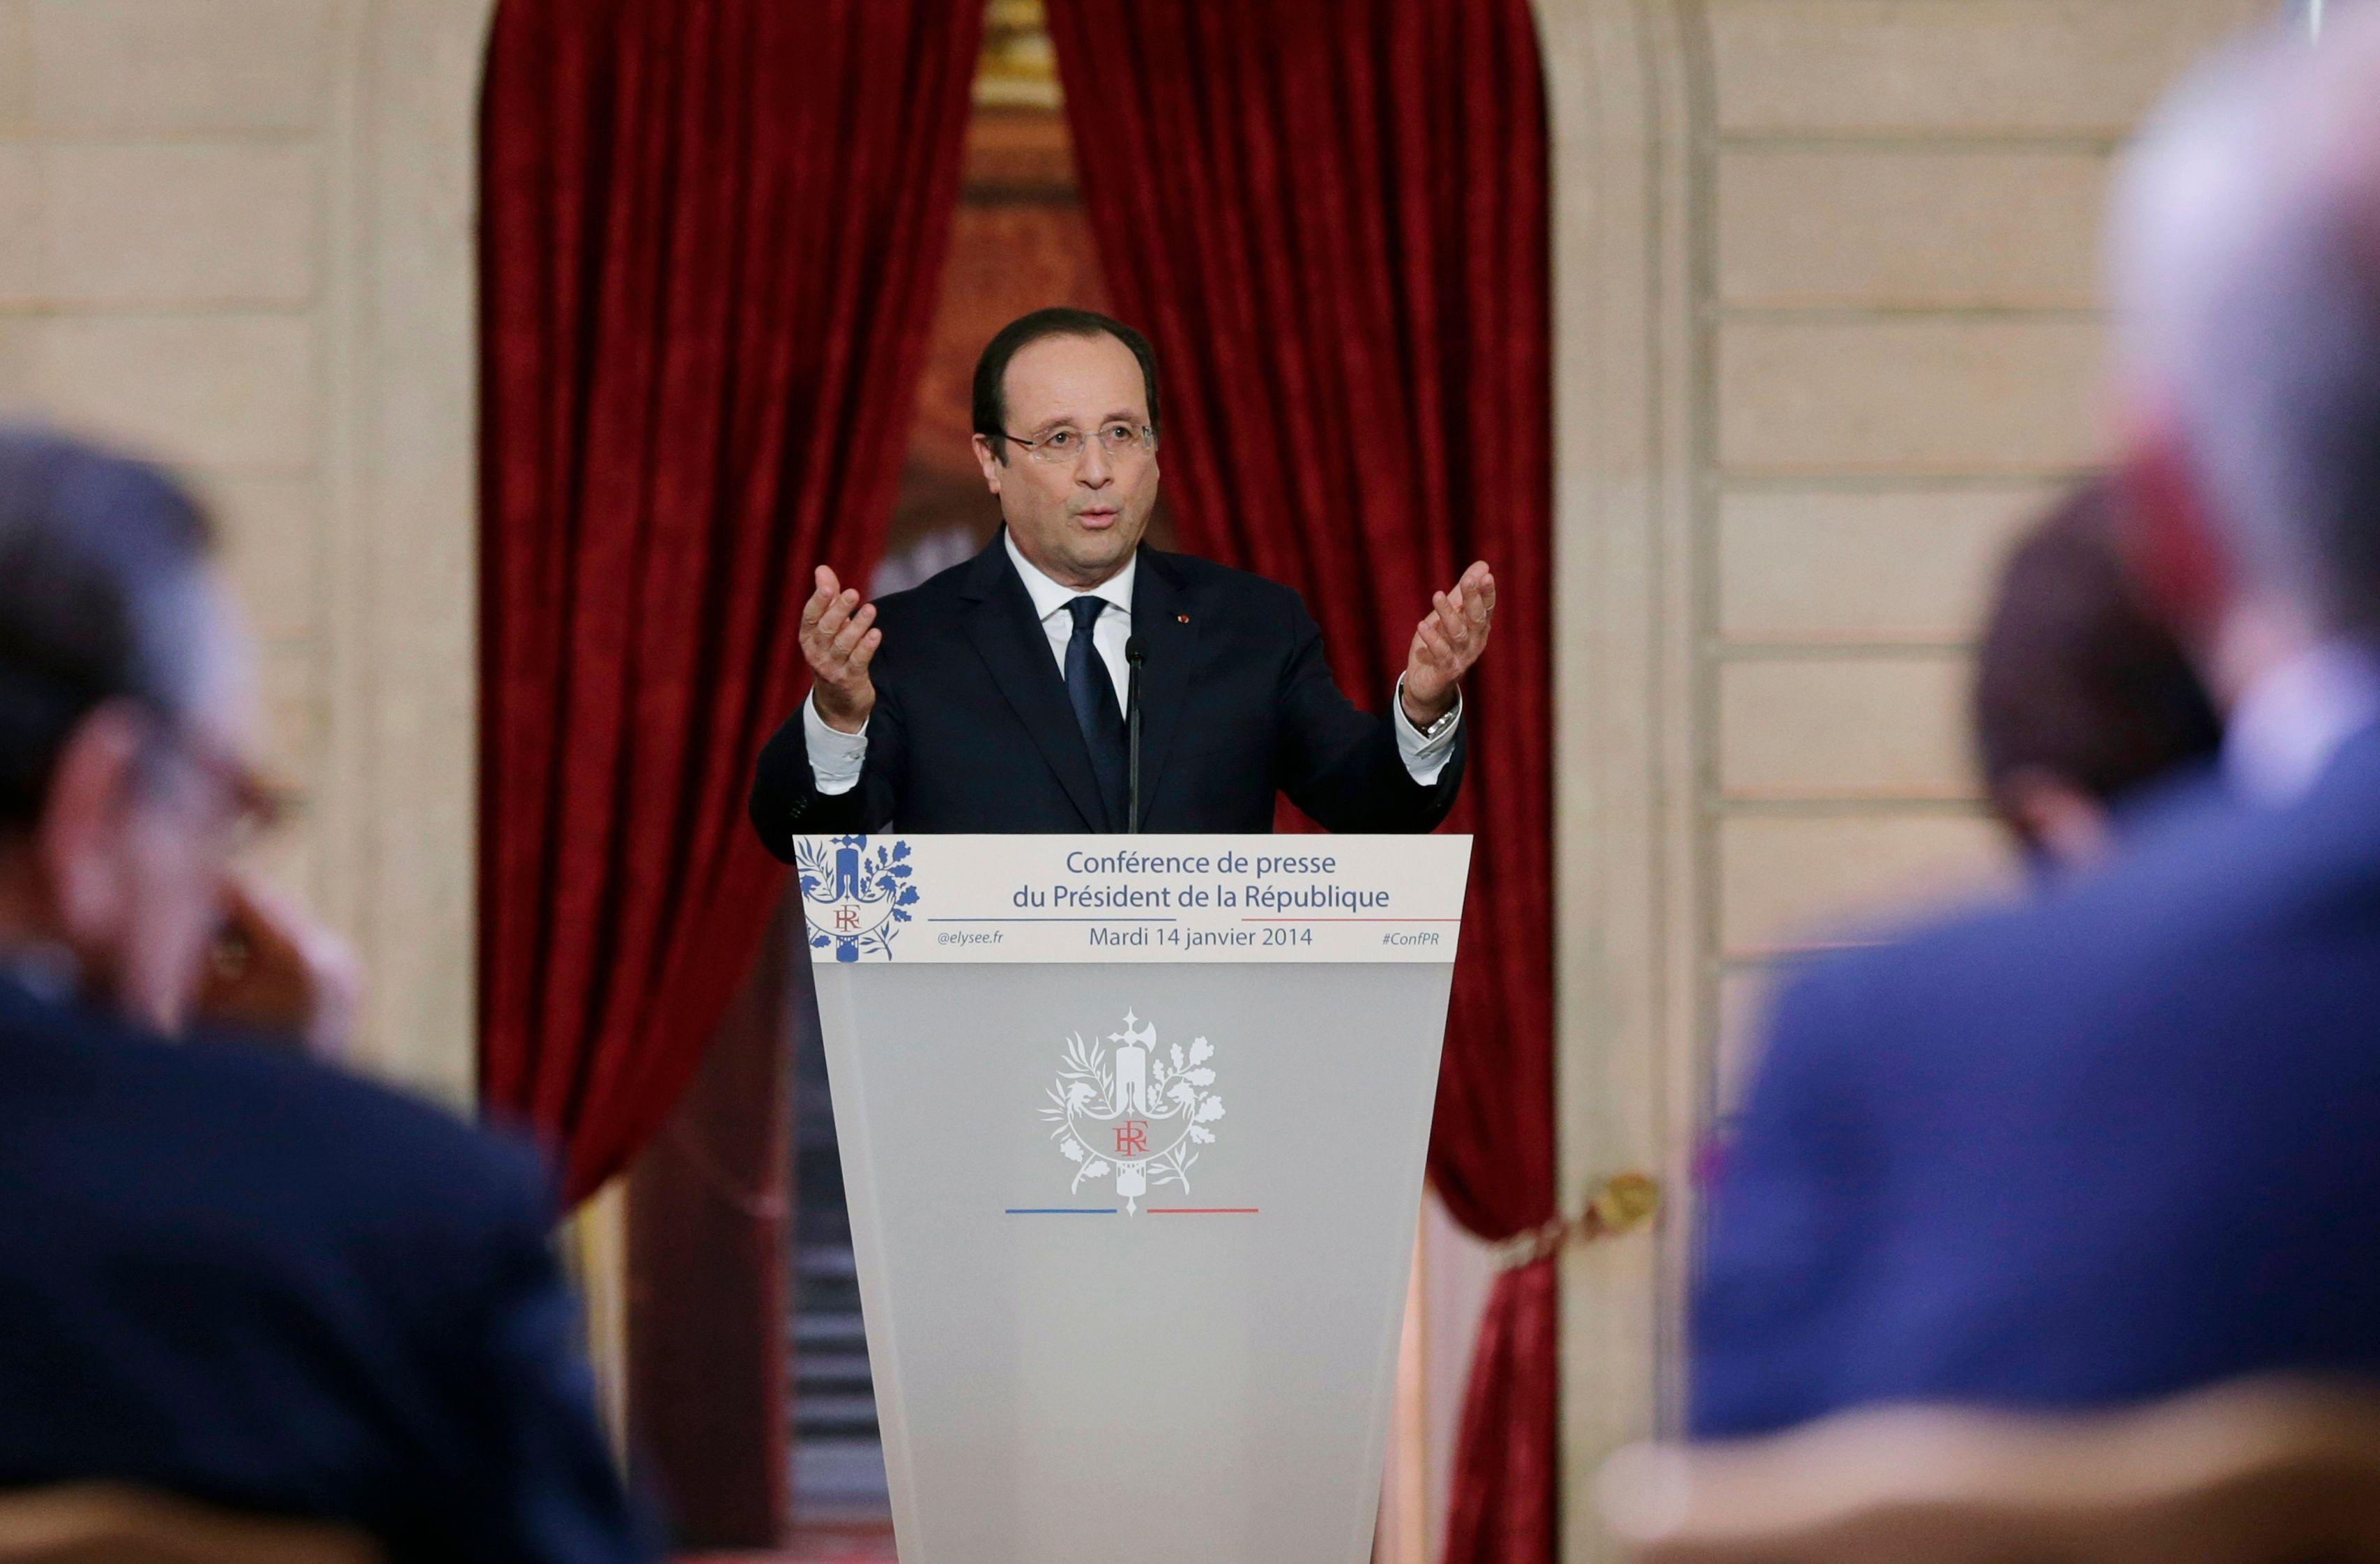 La conférence de presse de François Hollande a suscité de très nombreux commentaires.